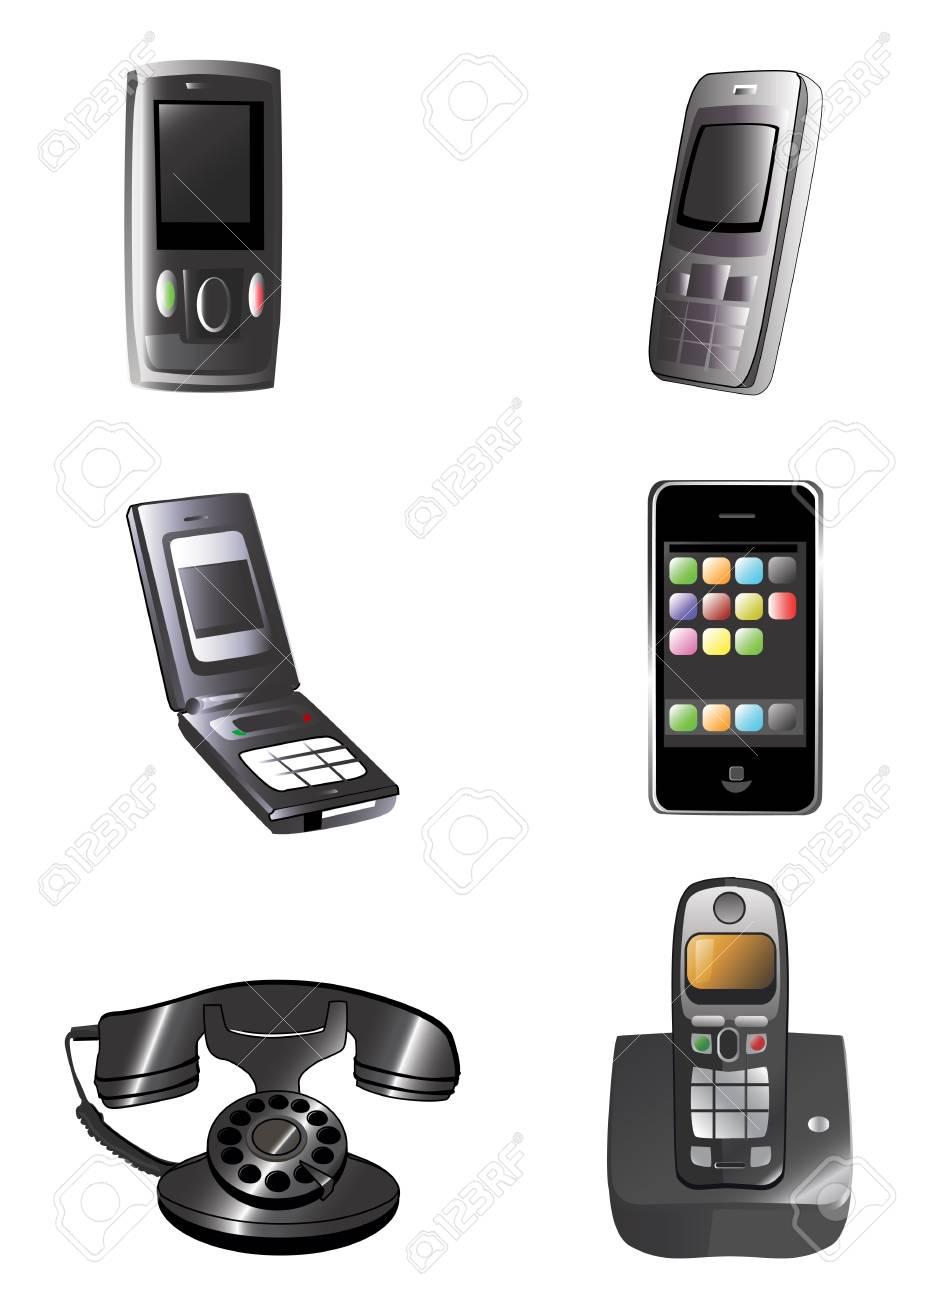 phone vector Stock Vector - 9592736